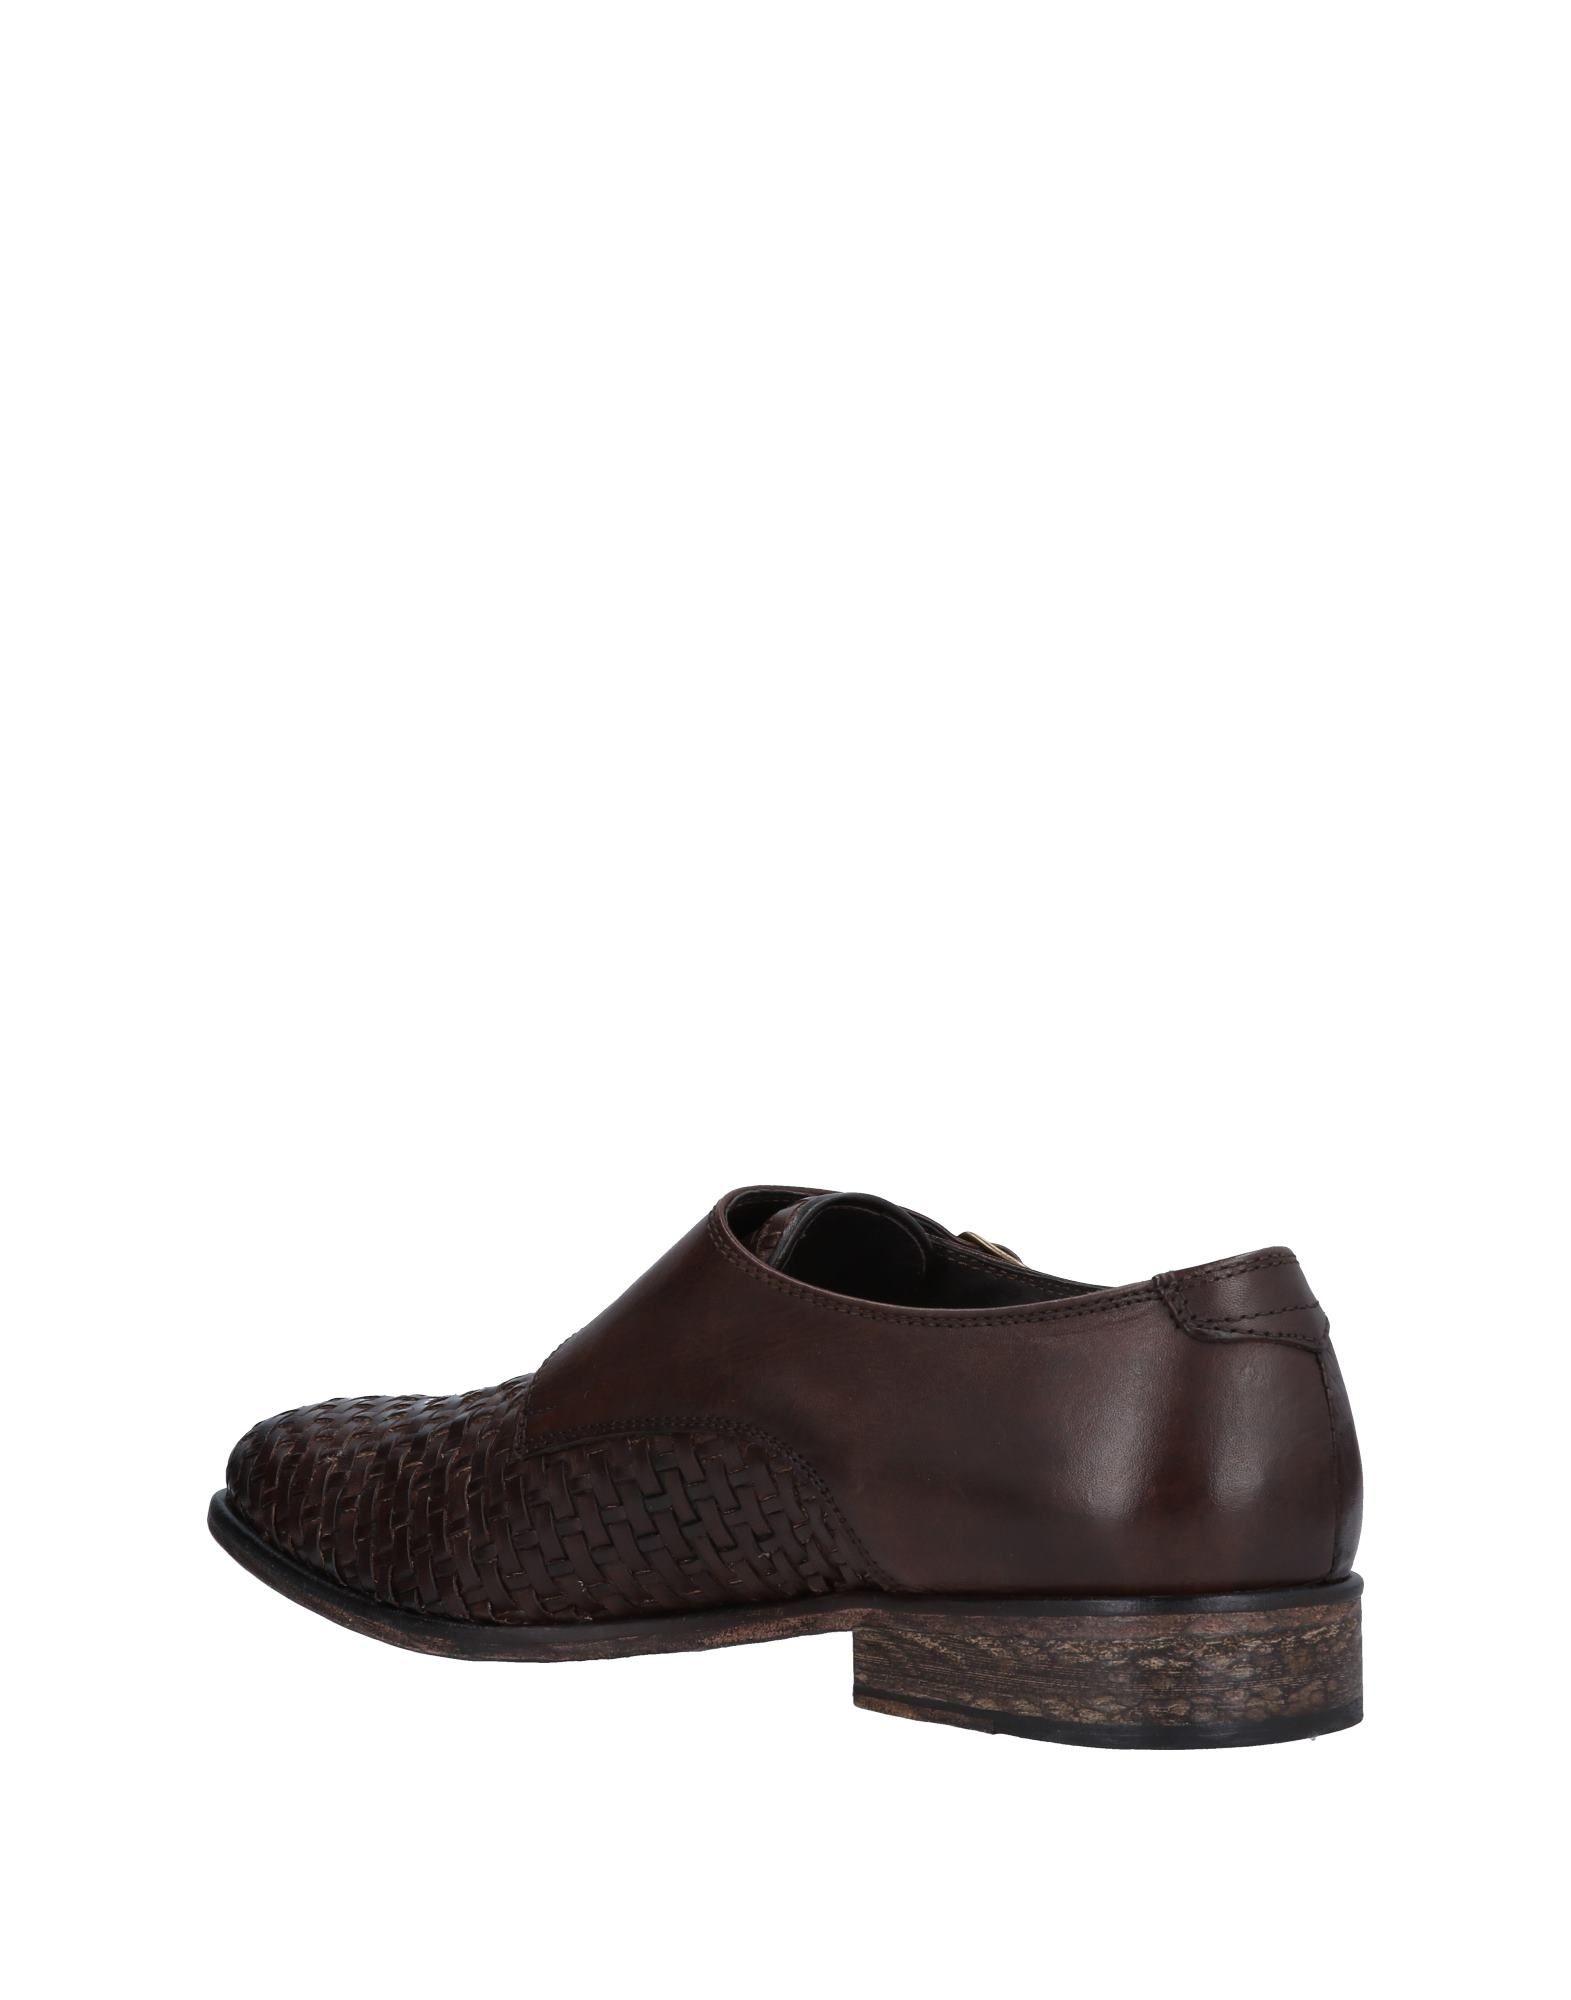 Rabatt echte Herren Schuhe Daniele Alessandrini Mokassins Herren echte  11501898GM 756fc3